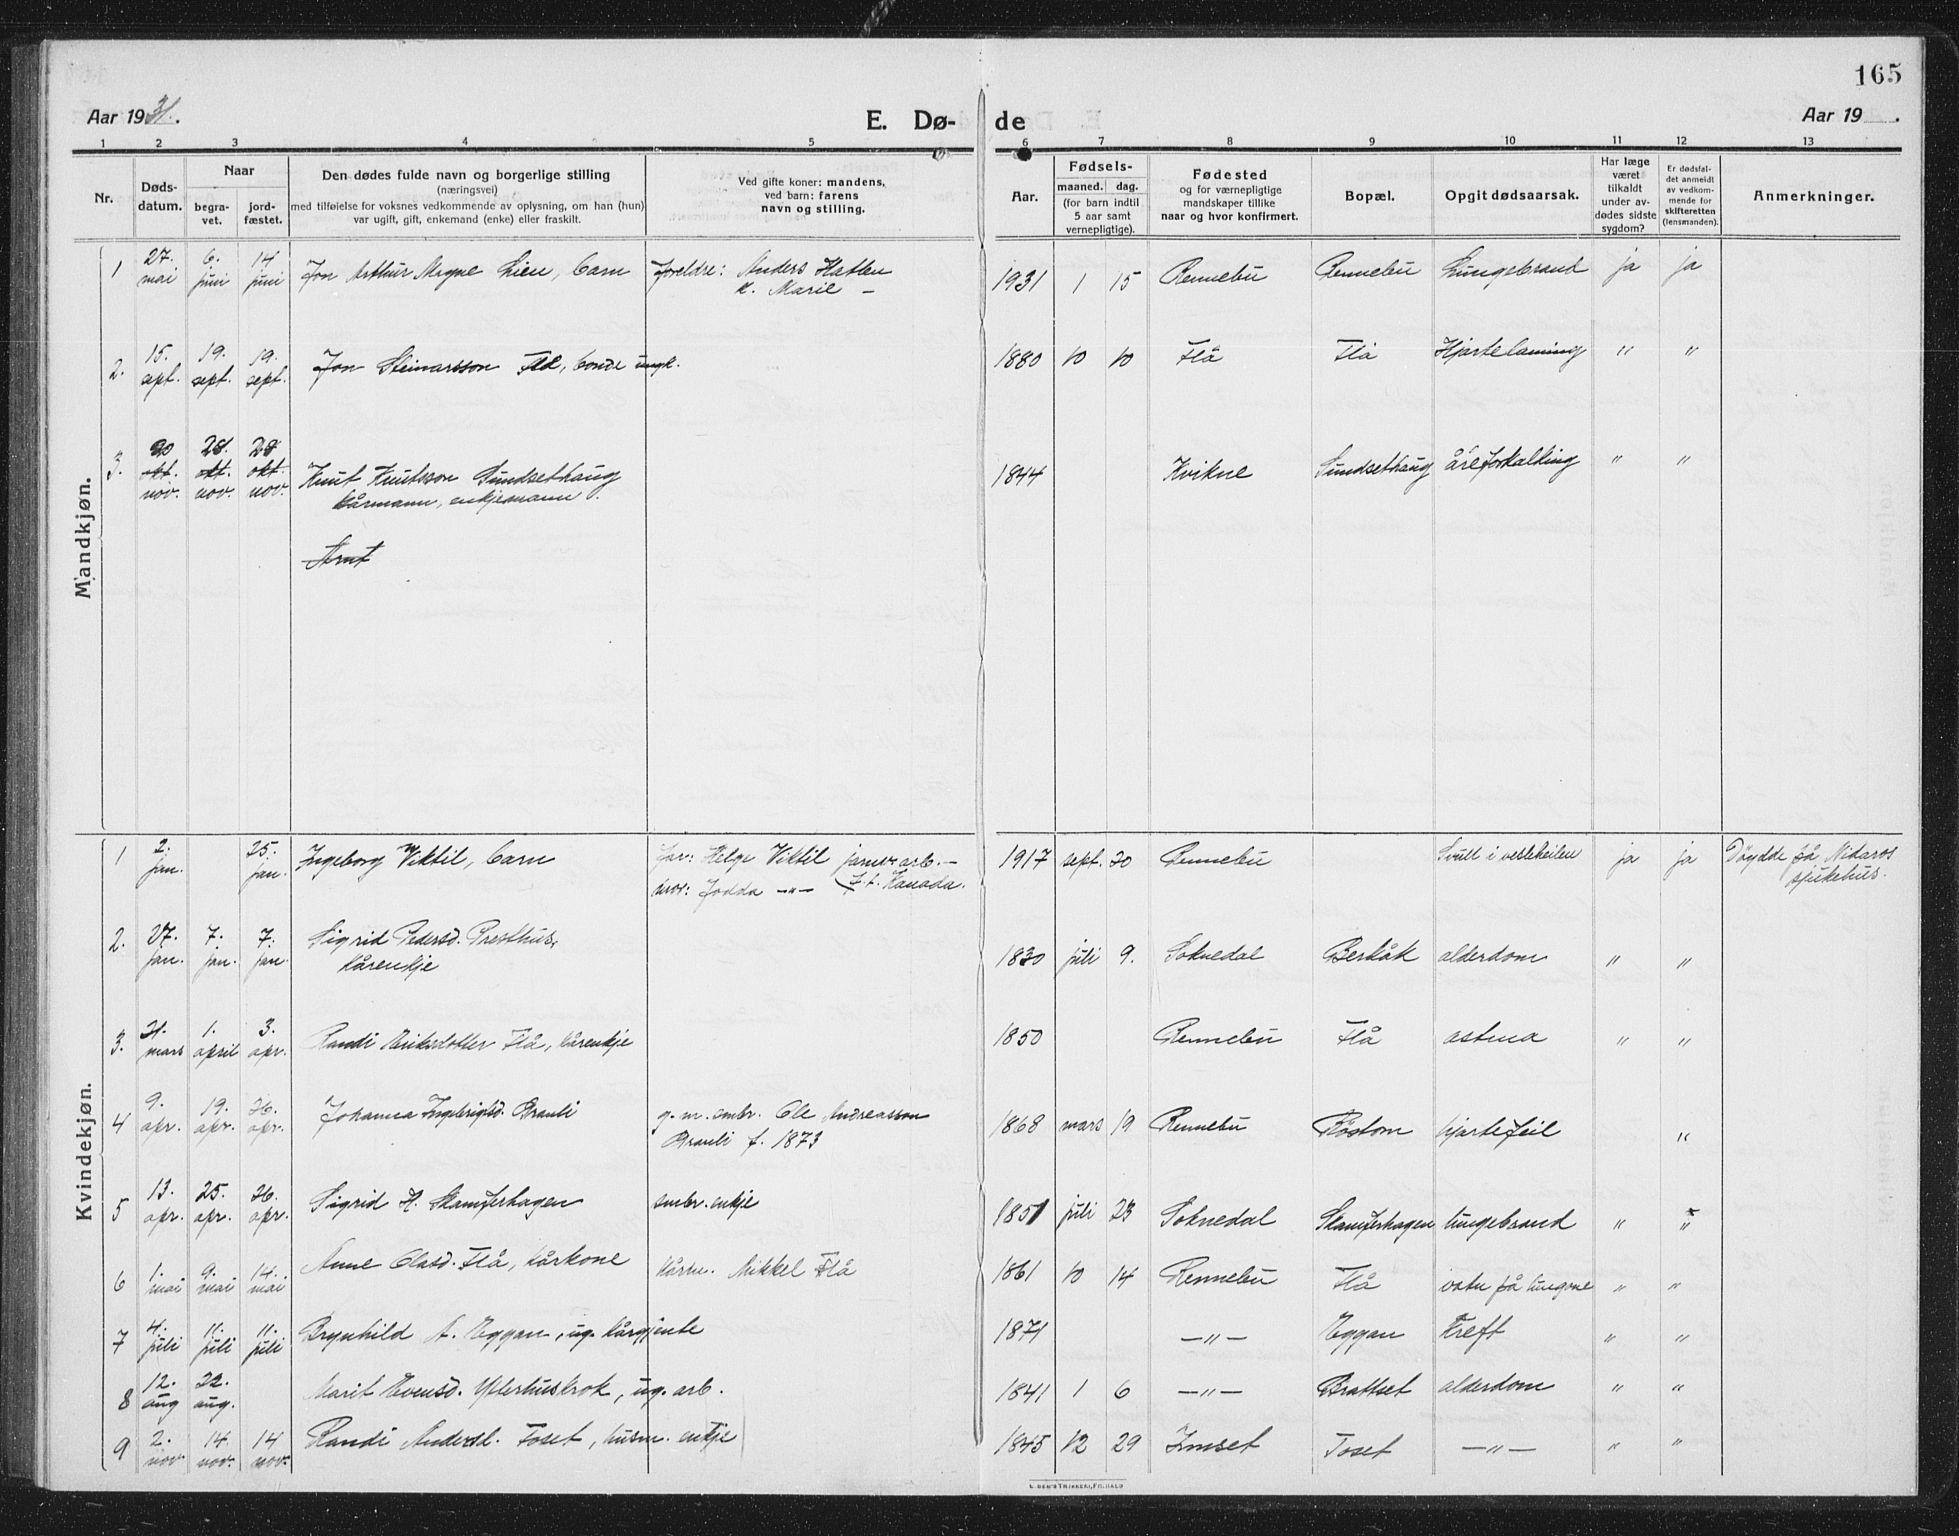 SAT, Ministerialprotokoller, klokkerbøker og fødselsregistre - Sør-Trøndelag, 675/L0888: Klokkerbok nr. 675C01, 1913-1935, s. 165